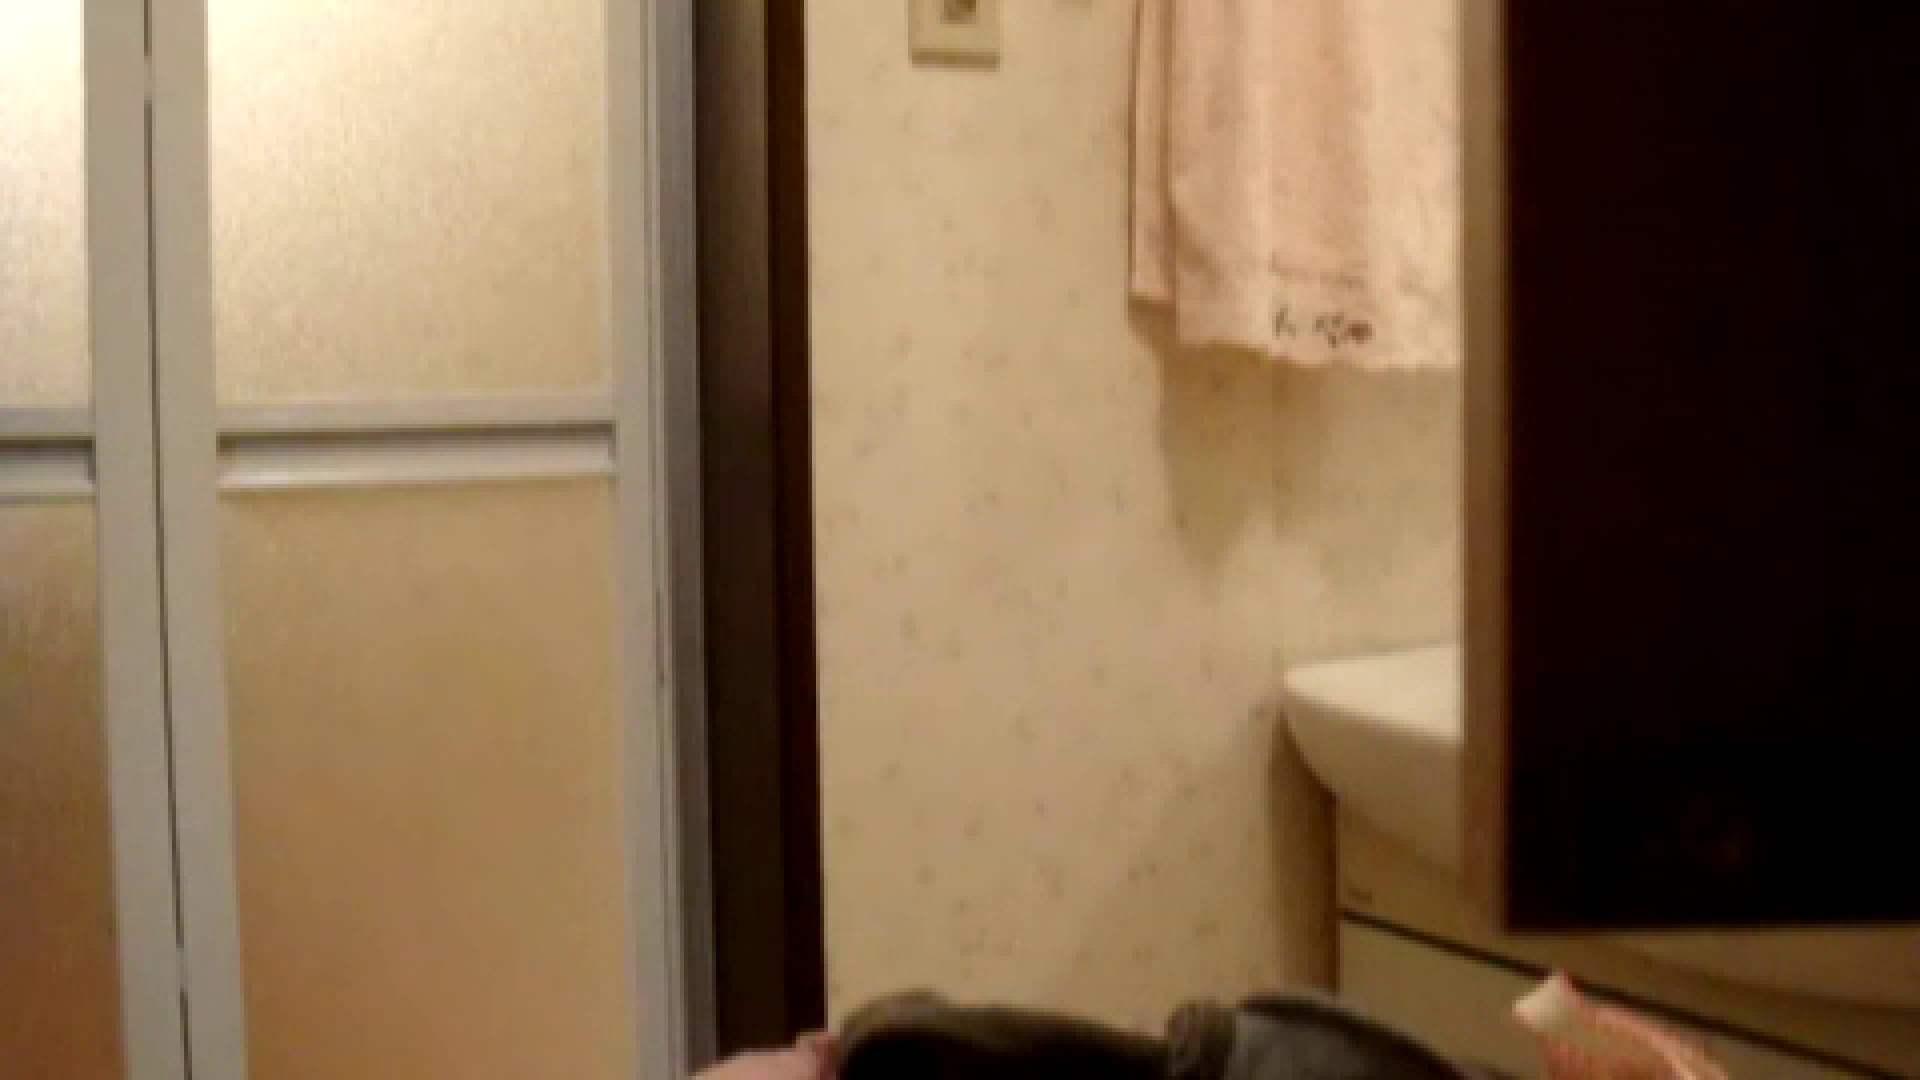 vol.8 まどかの入浴、完全にバレたと思いました。 OL   入浴シーン  76連発 39